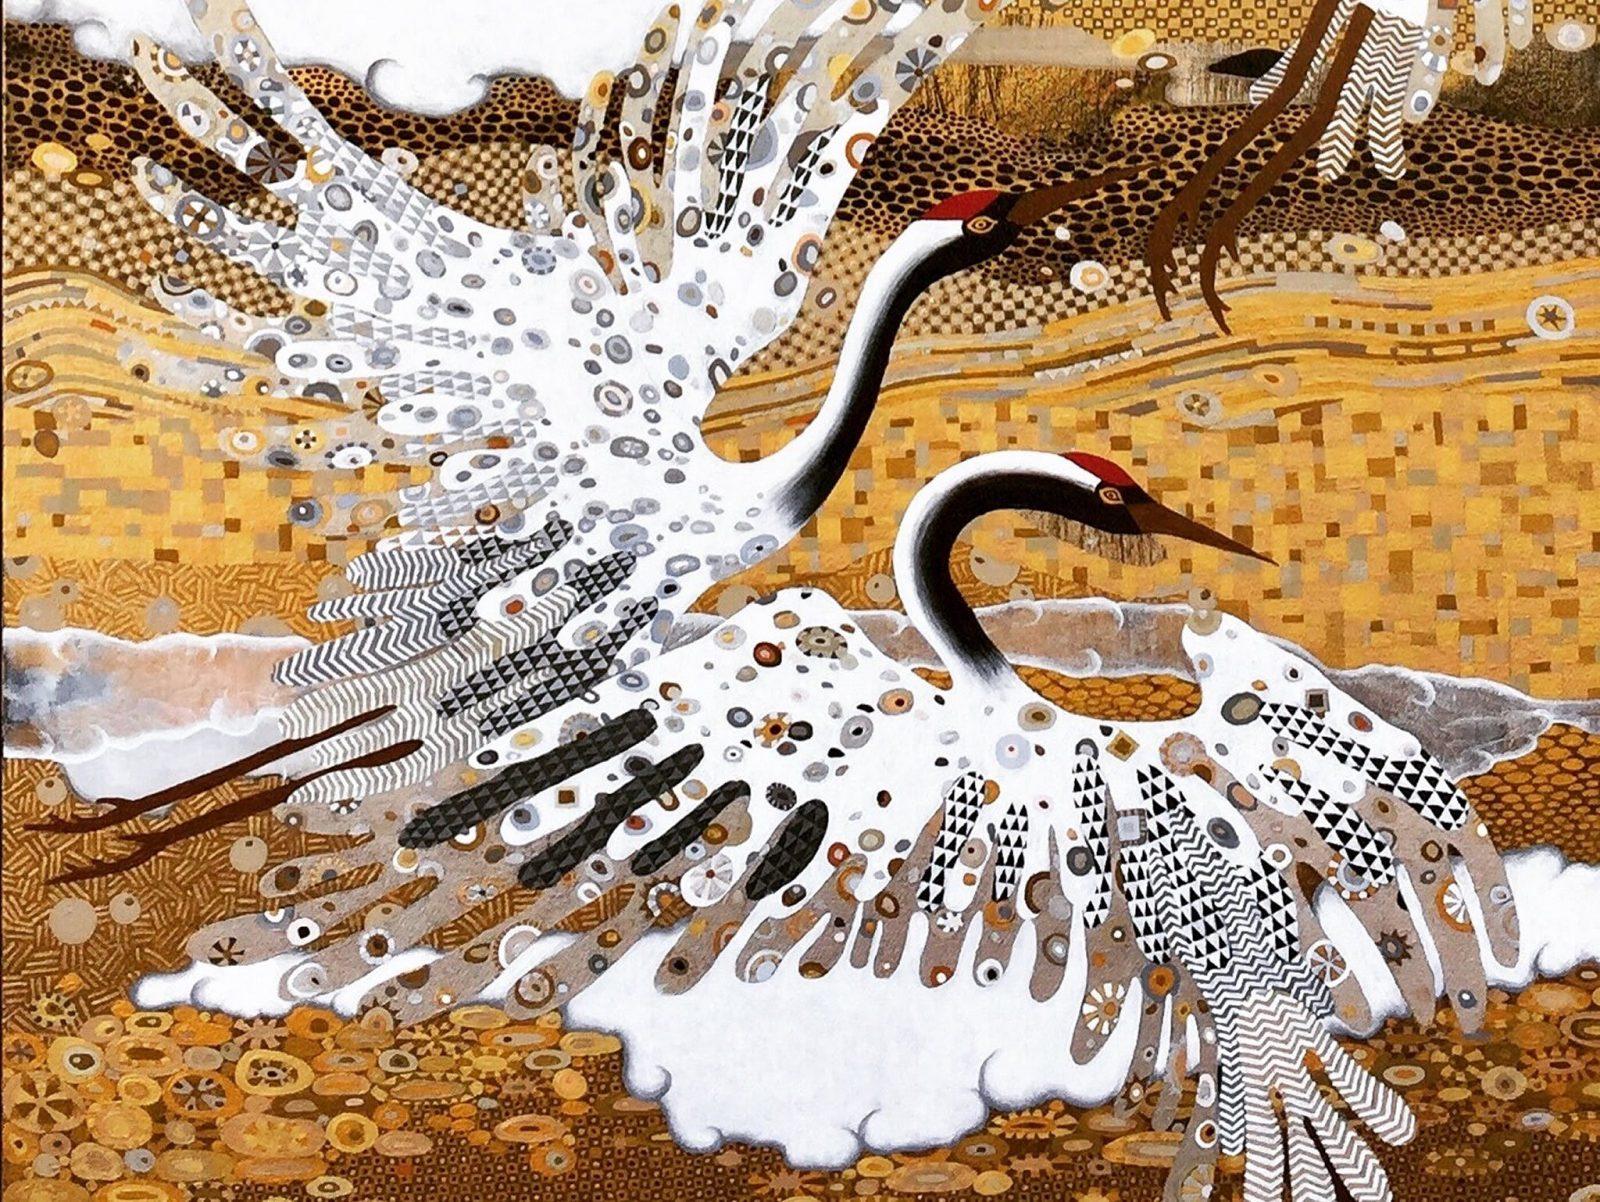 Cranes I (detail) by Melissa Barber